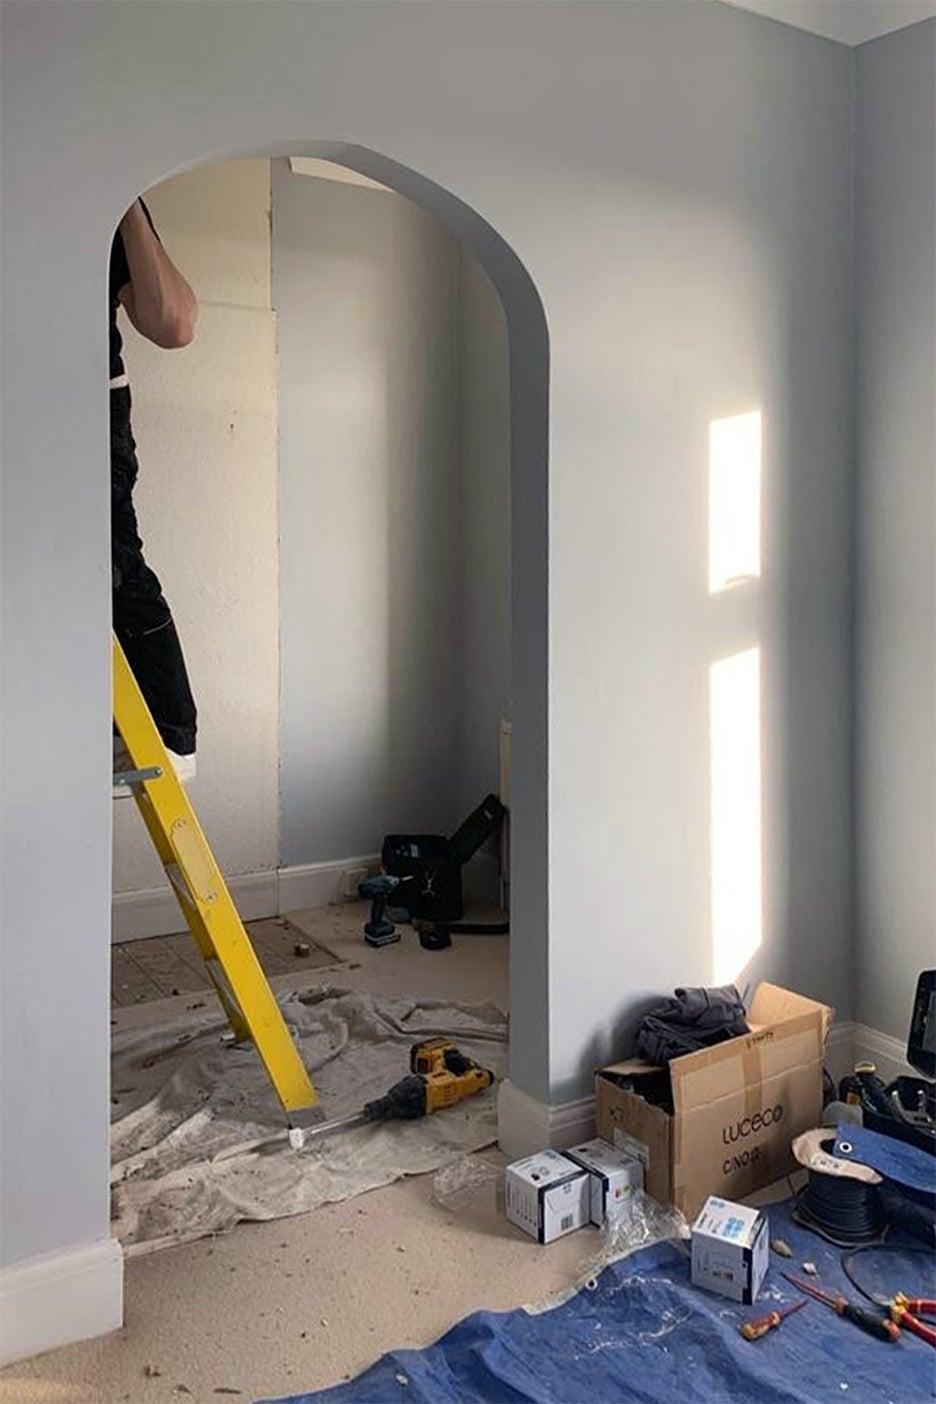 walk-in closet under construction